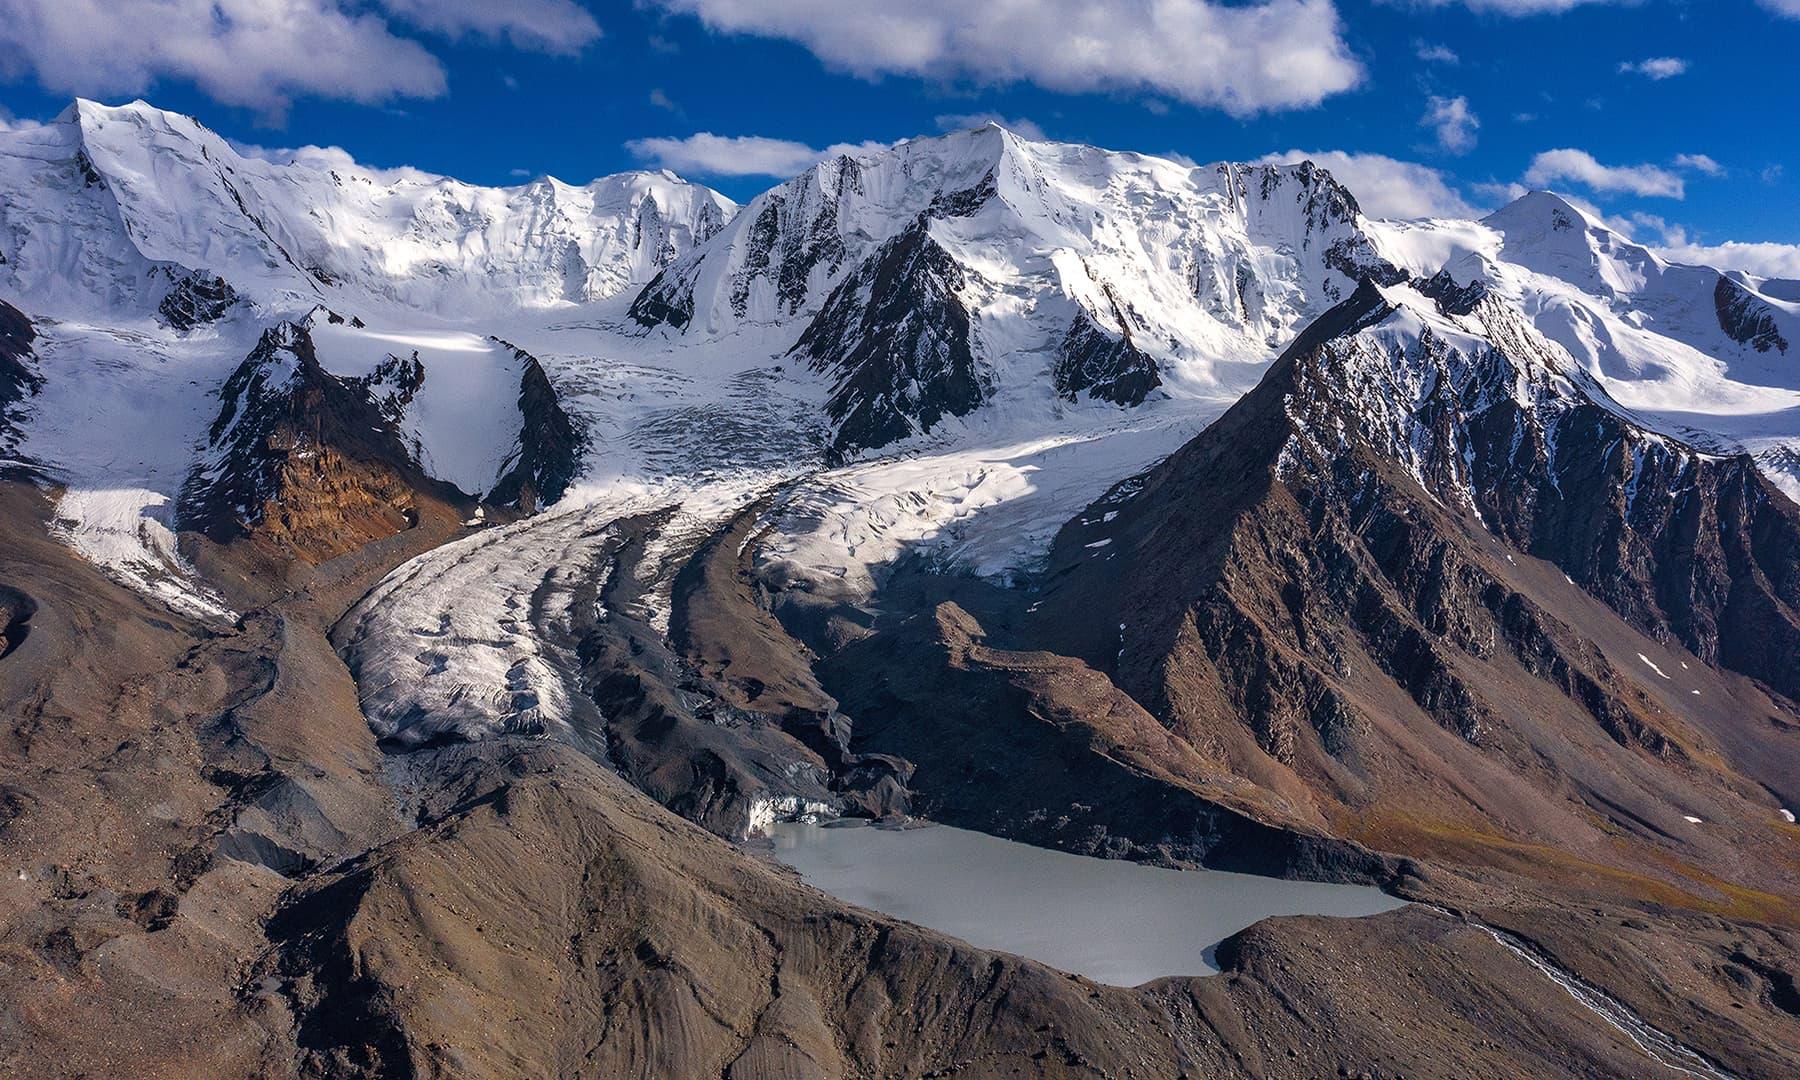 چینٹر گلیشیر اور گلیشیائی جھیل—سید مہدی بخاری